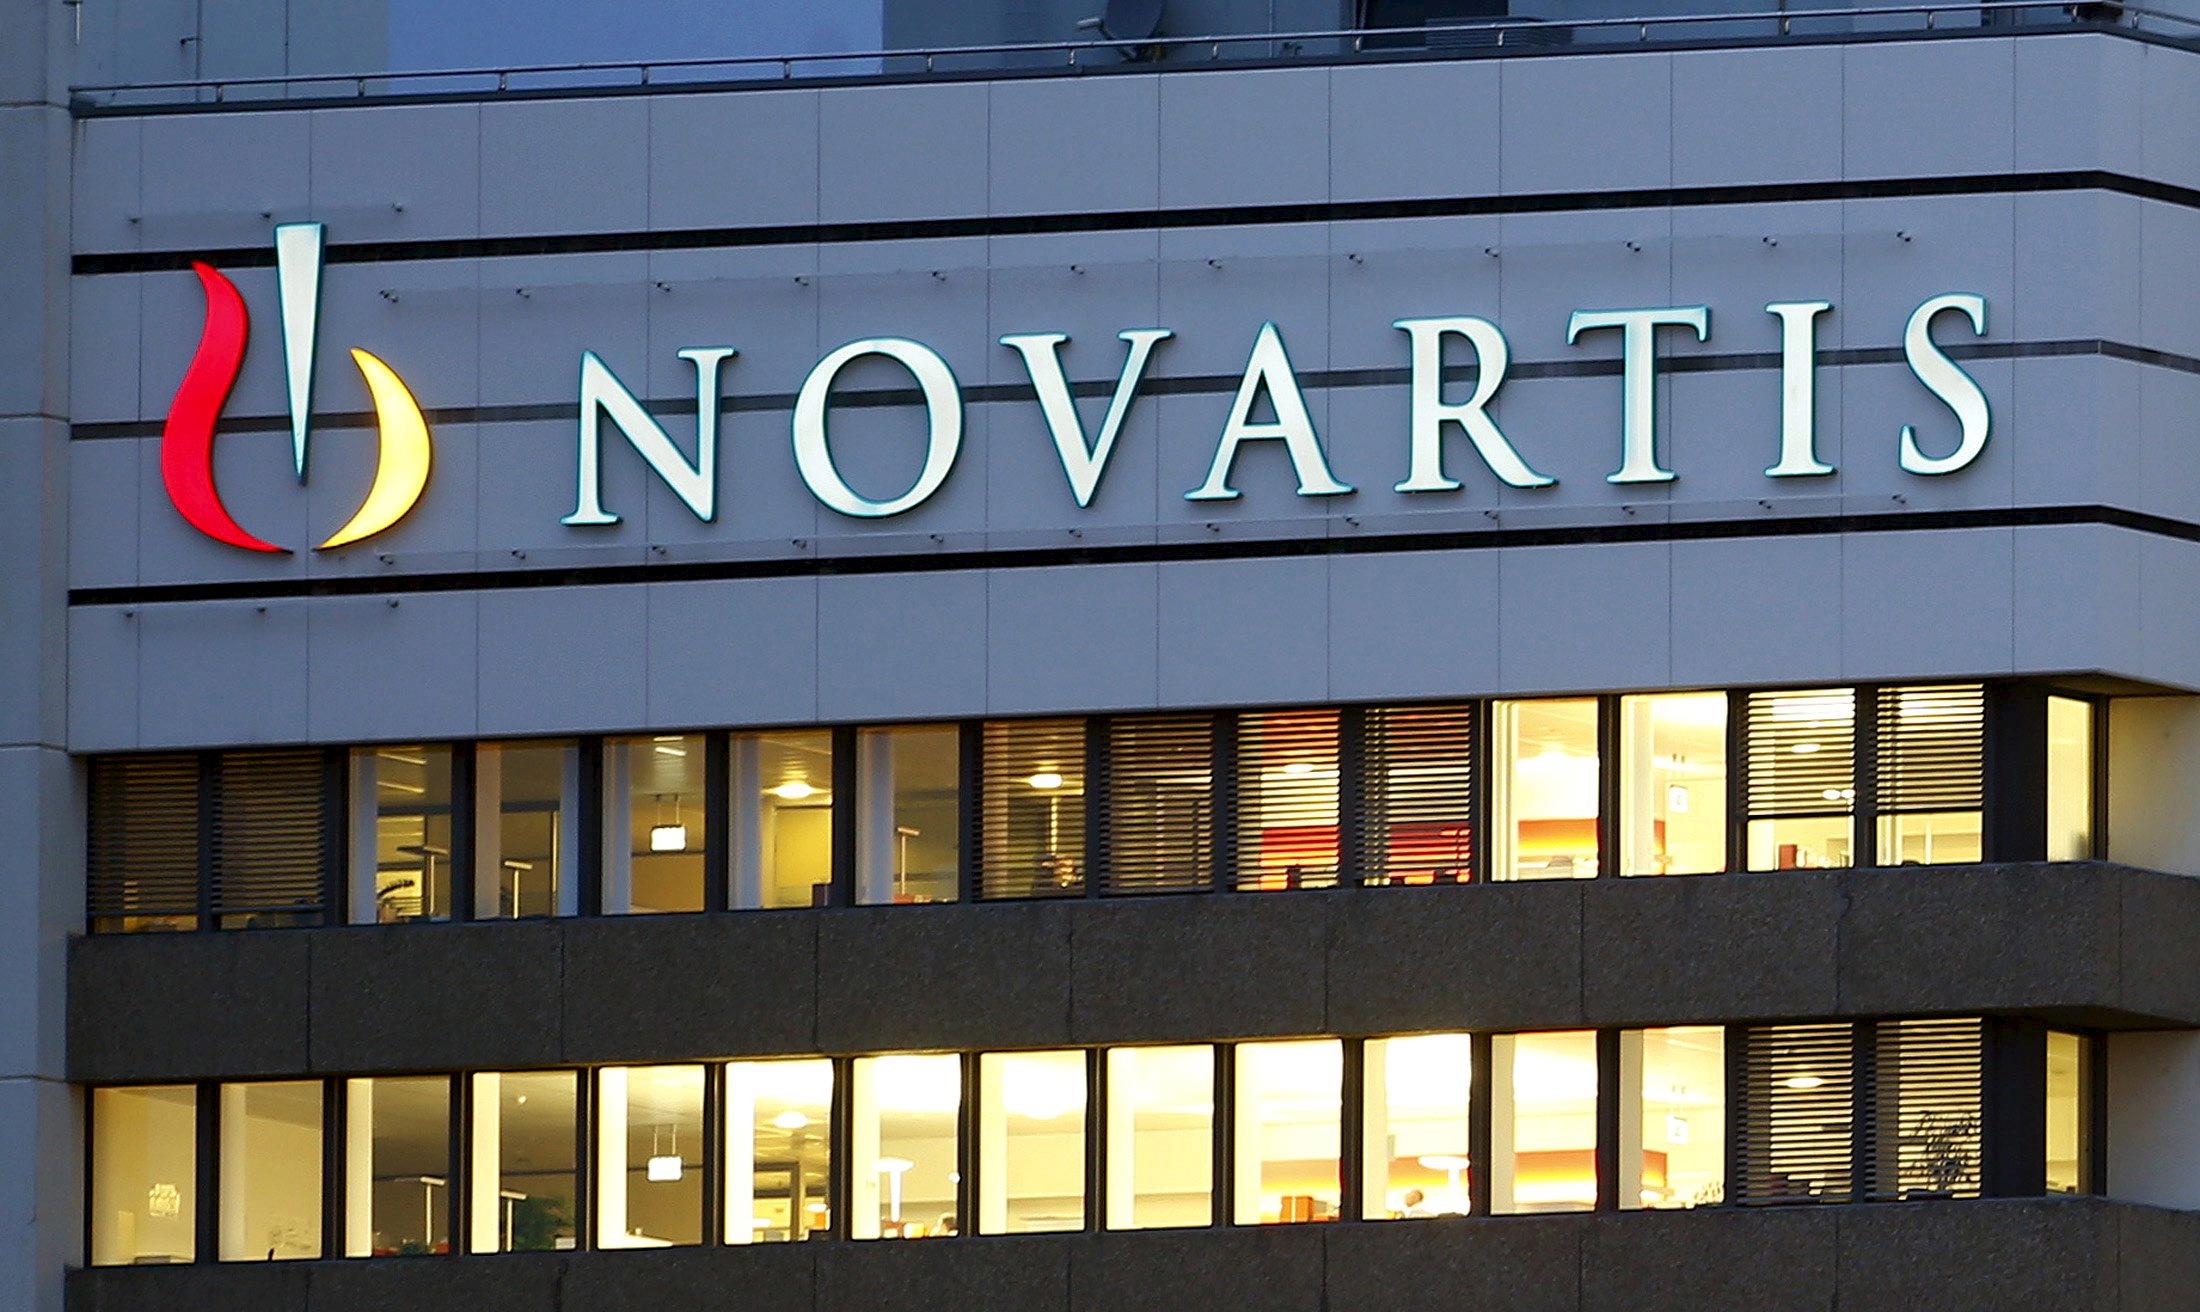 Εξώδικο 21 πολιτών προς Σταϊκούρα για διεκδικήσεις αποζημιώσεων από την Novartis